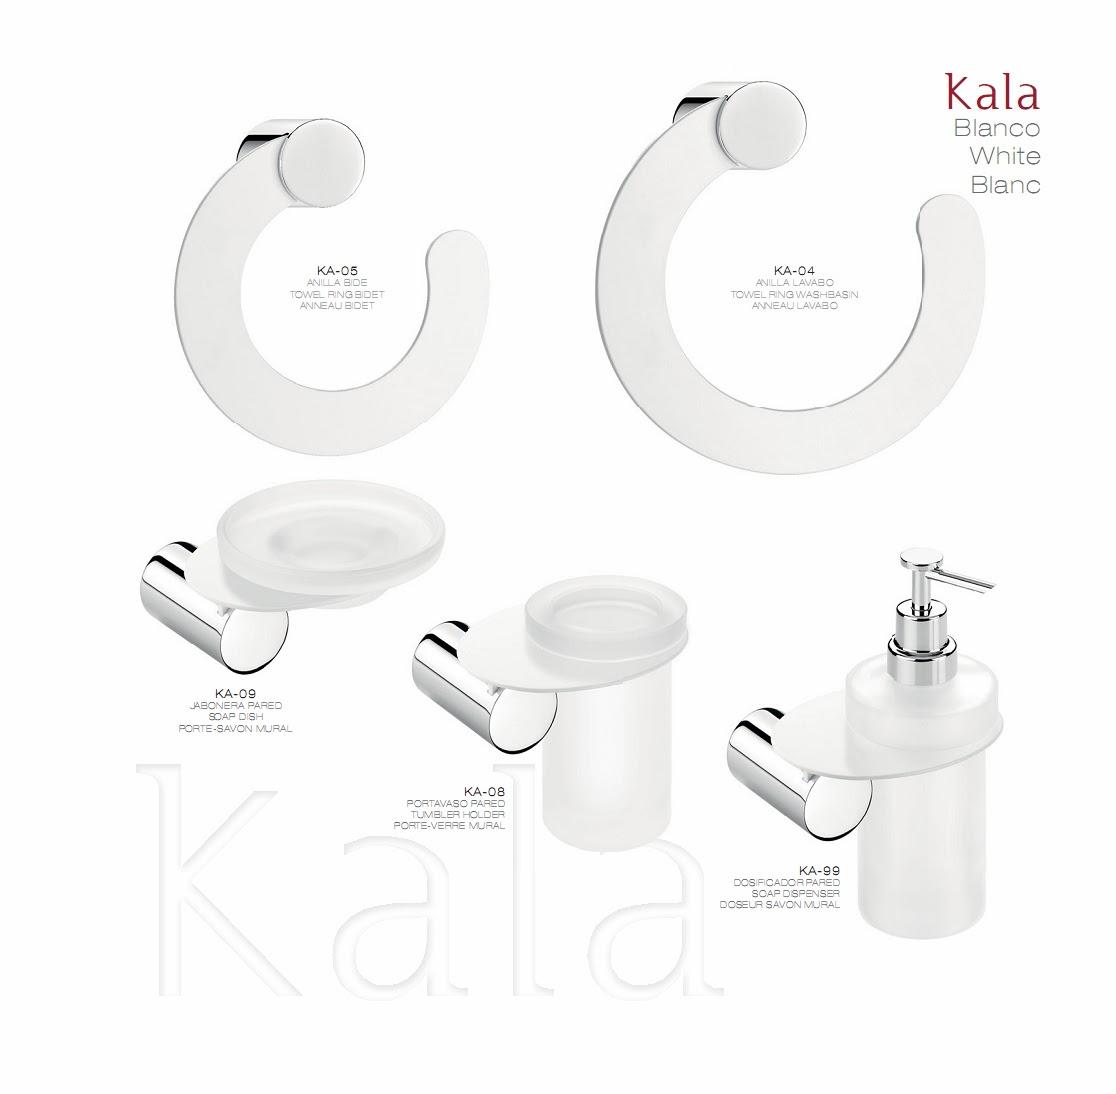 Accesorios de ba o kala color tu cocina y ba o for Accesorios bano color blanco